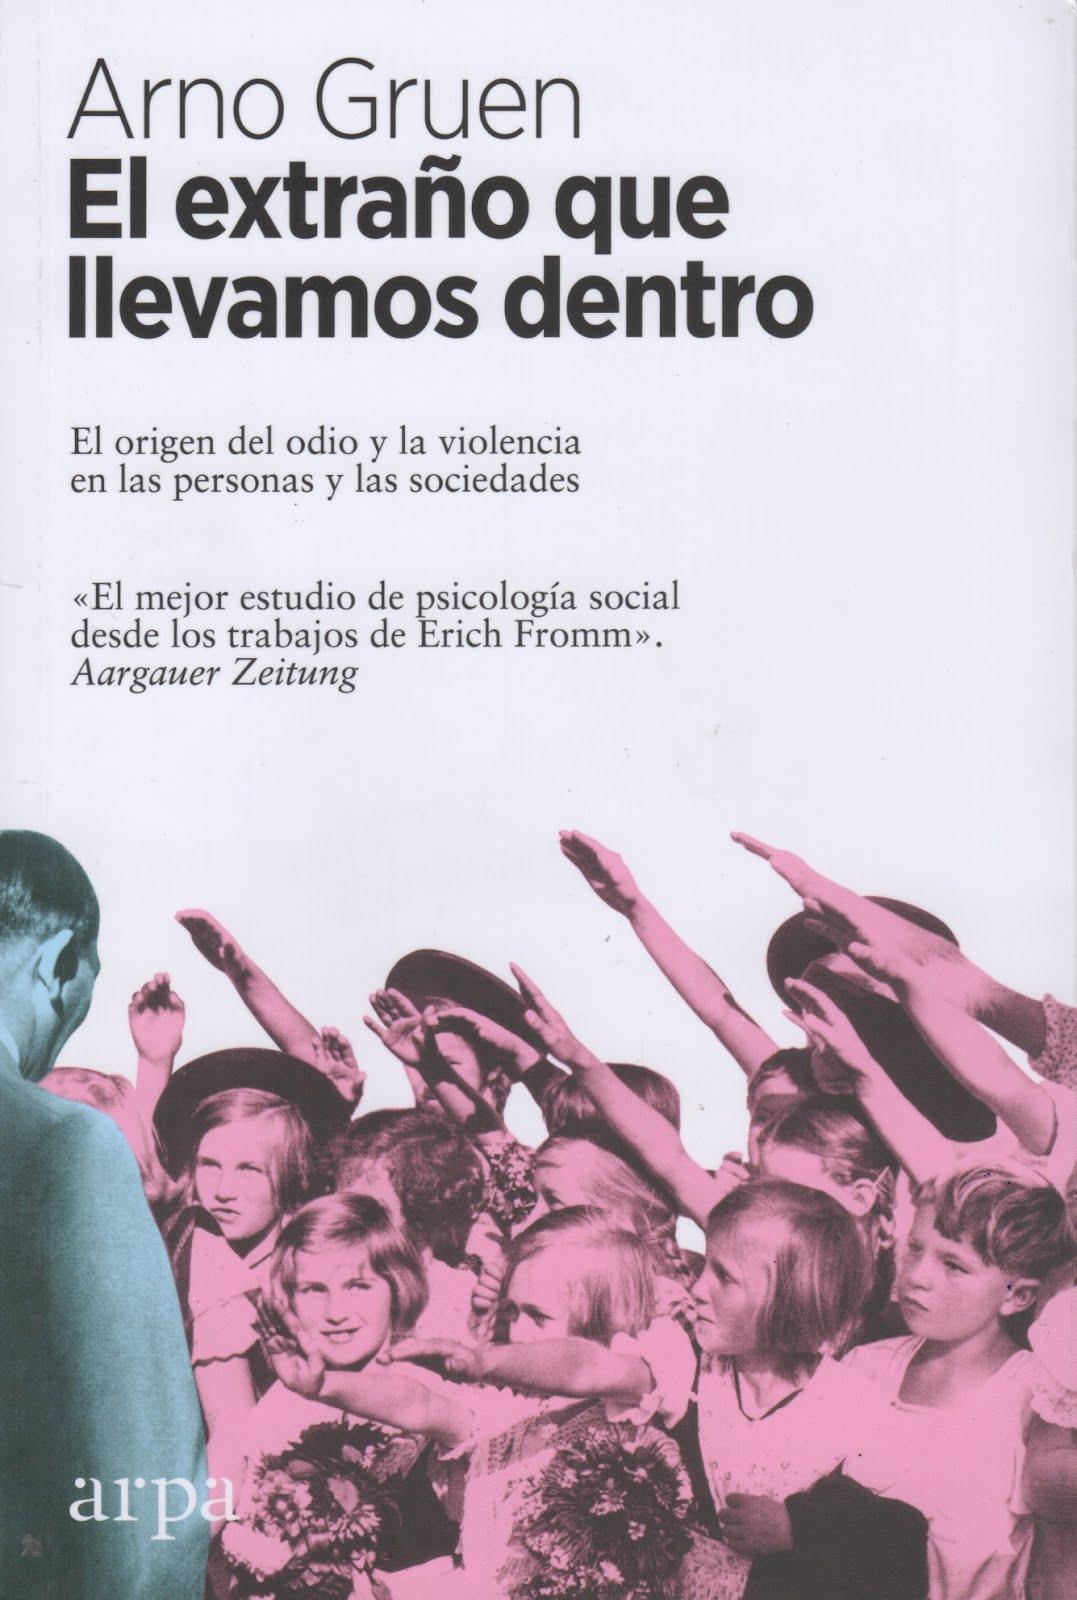 Arno Gruen (El extraño que llevamos dentro) El origen del odio y la violencia en las personas y las